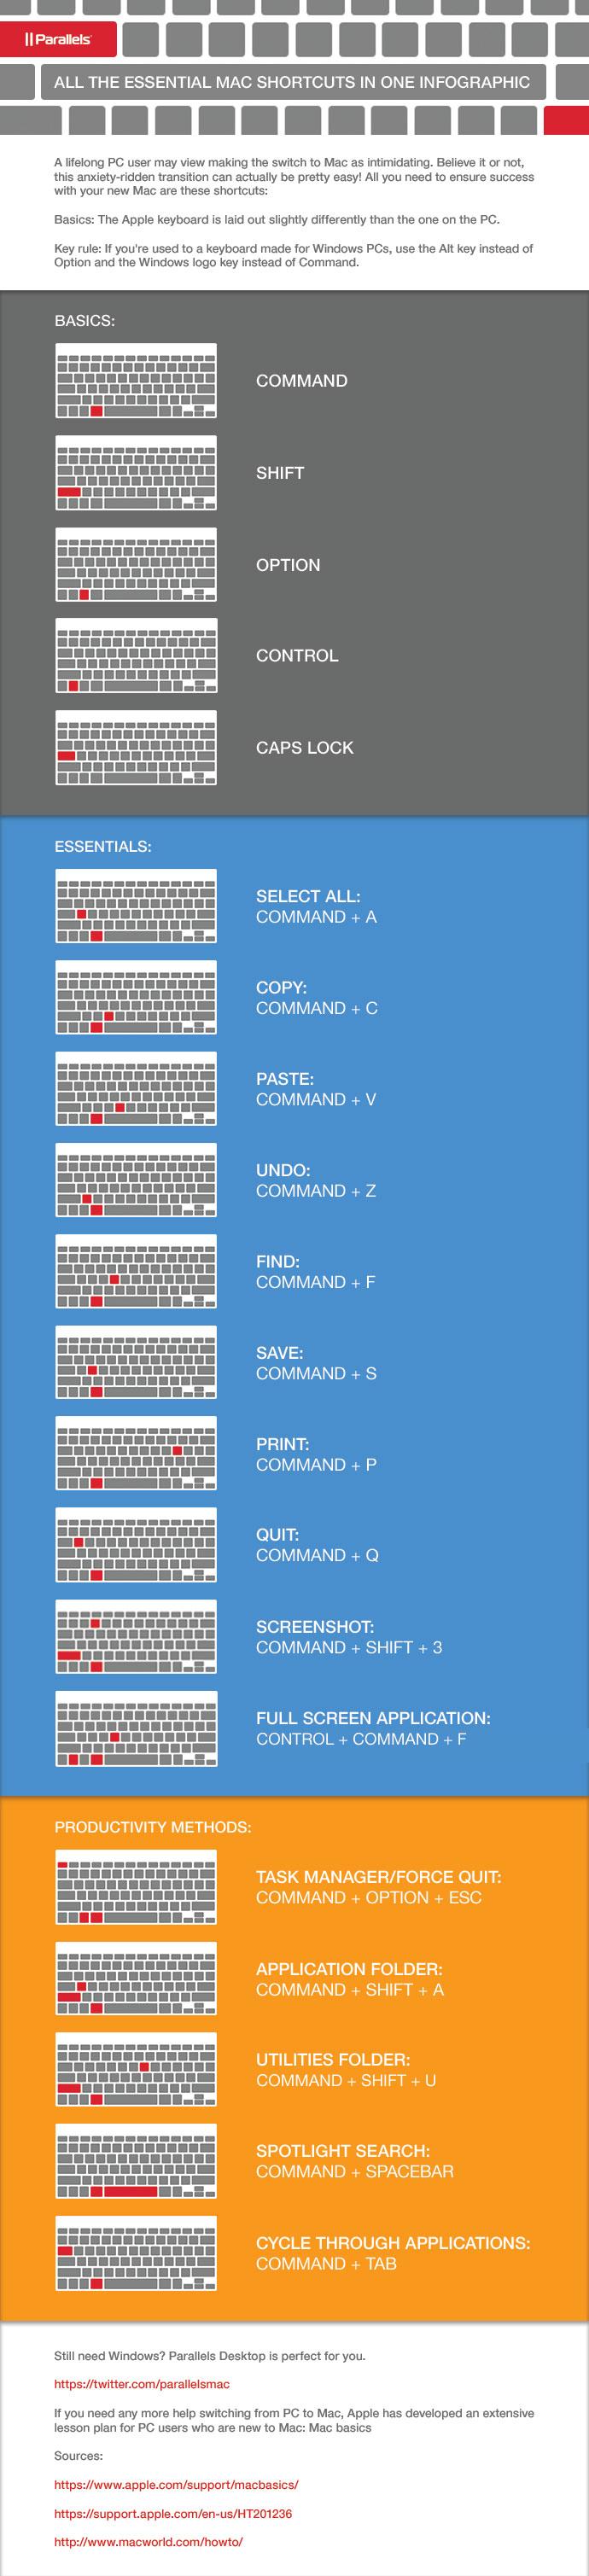 Mac Methods Shortcuts